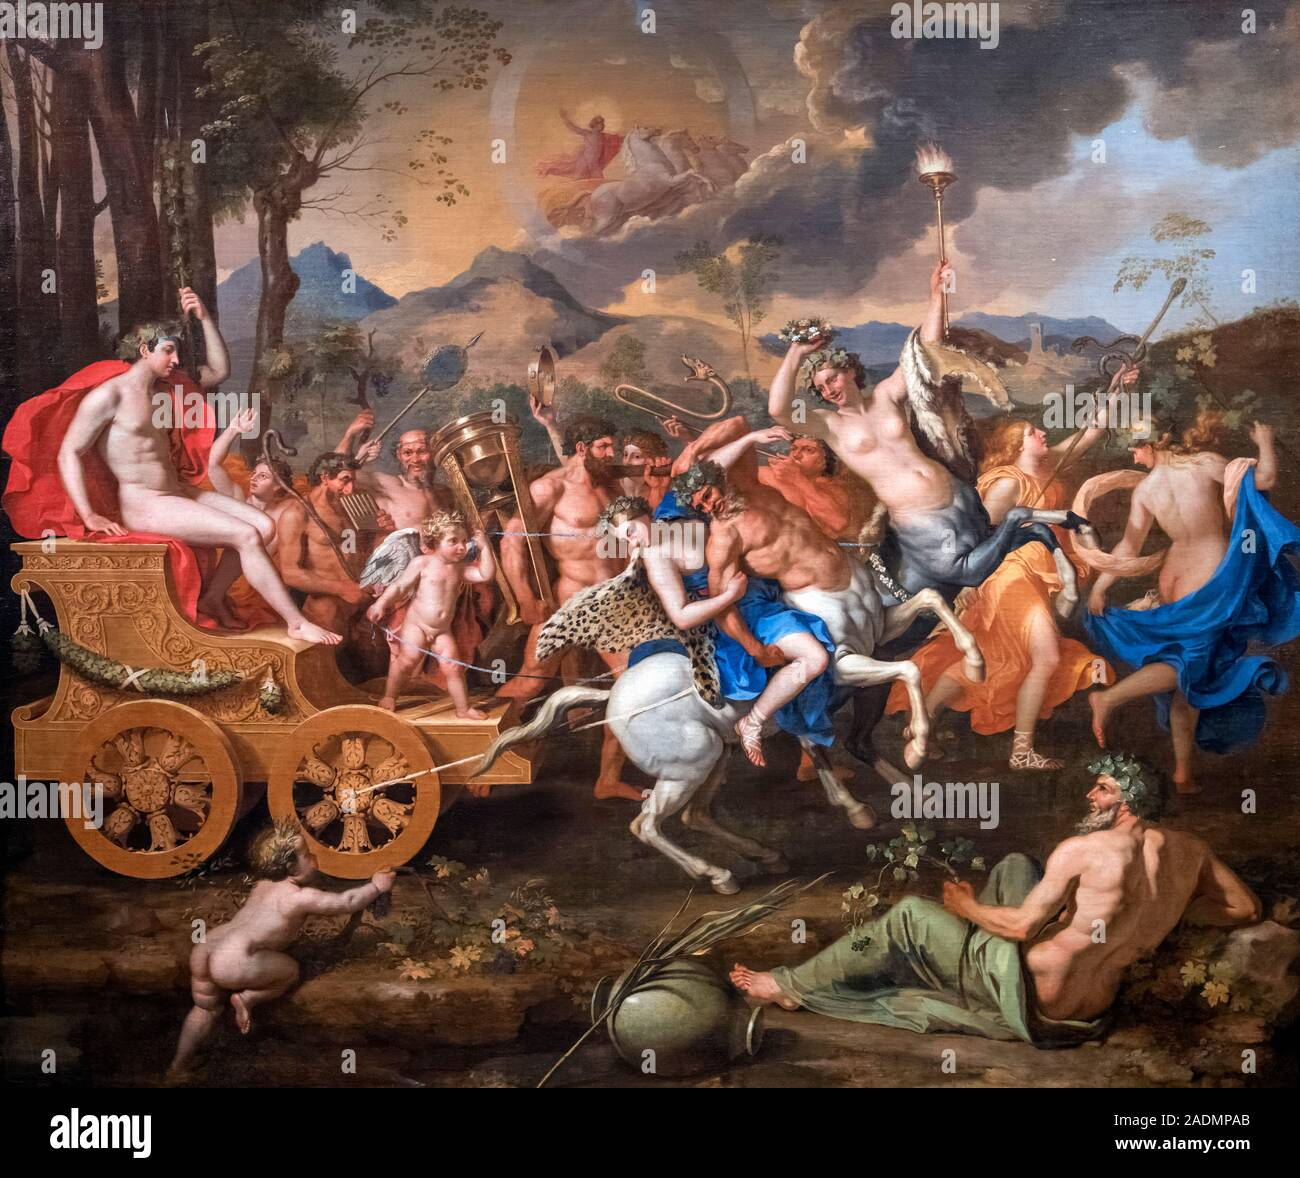 The Triumph of Bacchus (Le Triomphe de Bacchus) by Nicolas Poussin (1594-1665), oil on canvas, 1635-6 Stock Photo